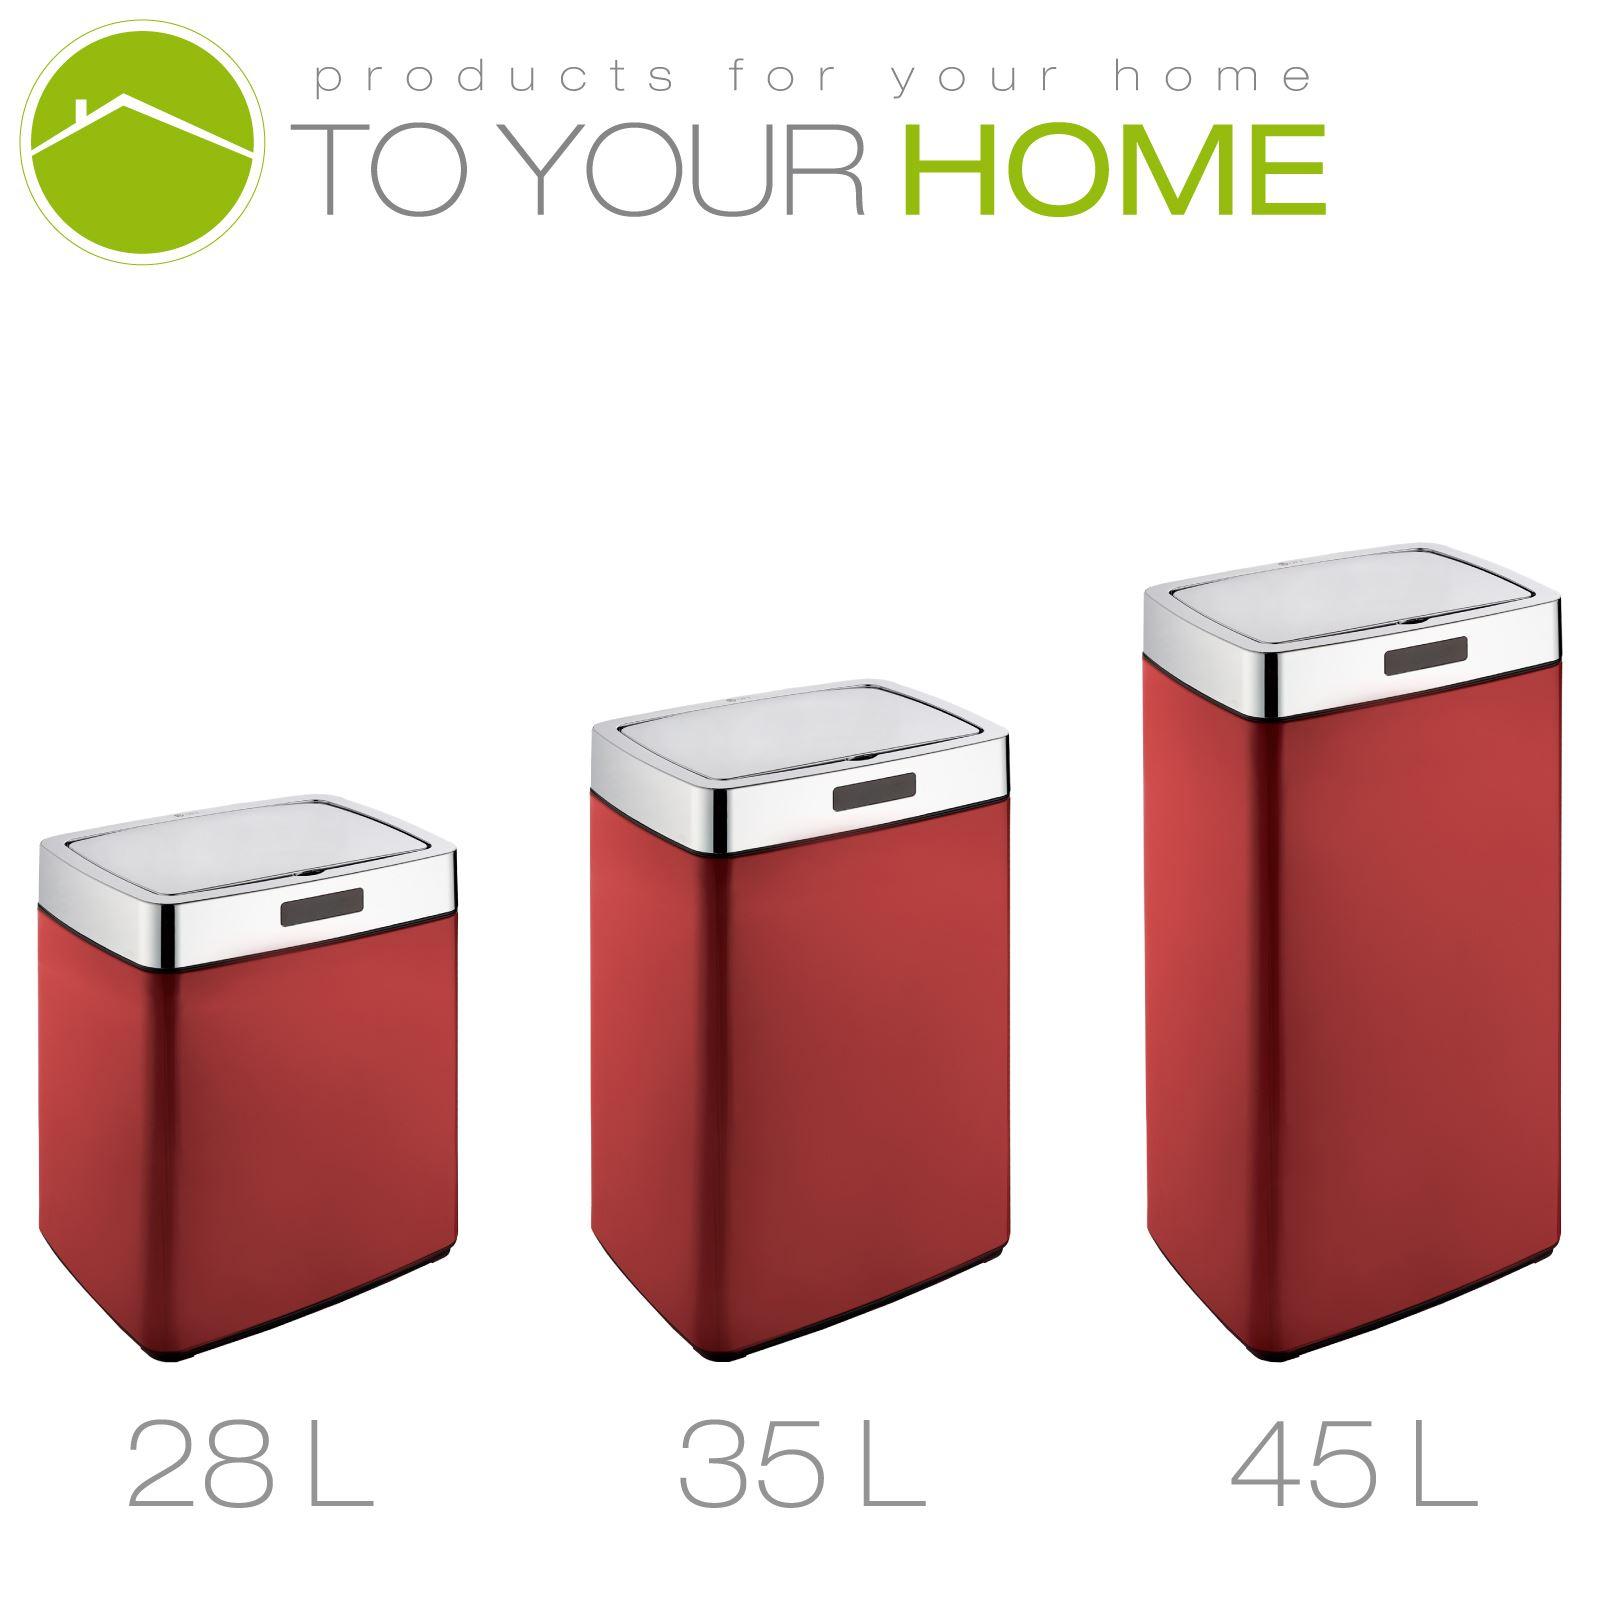 red kitchen trash can traditional furniture dihl rectangle mono origin white black cream